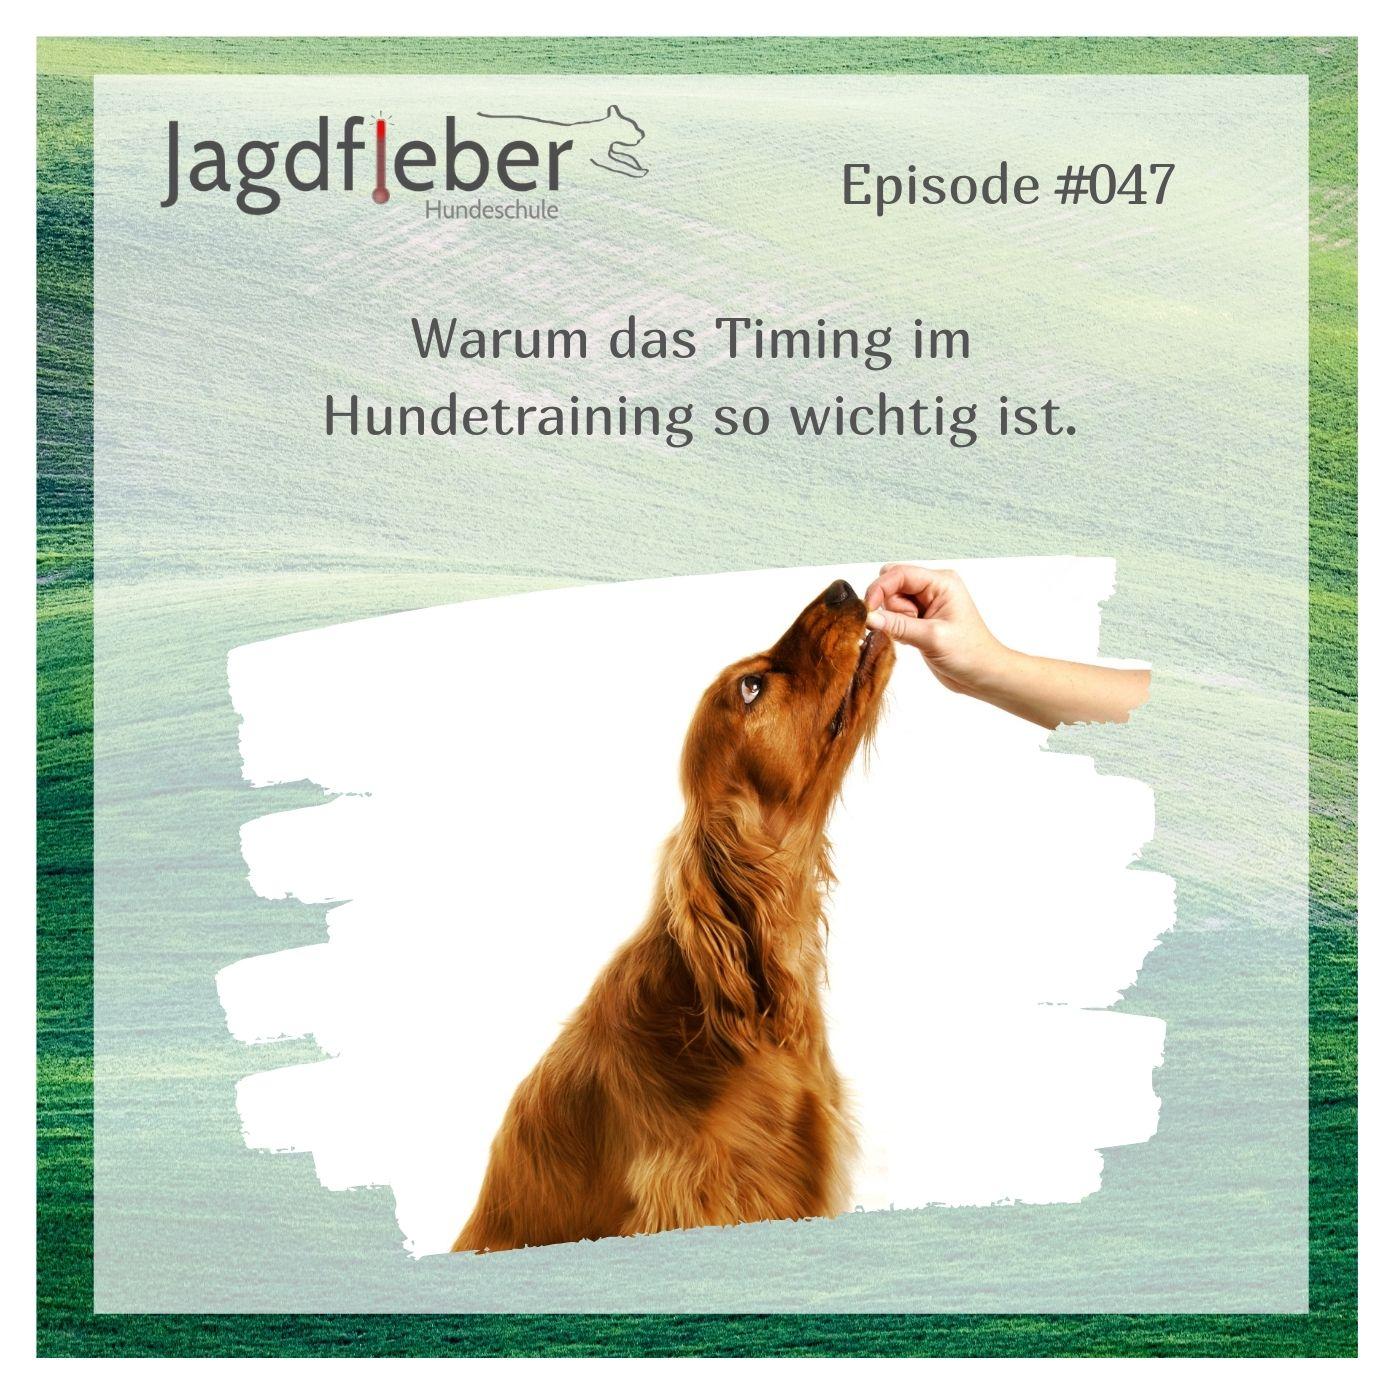 P047: Warum das Timing im Hundetraining so wichtig ist